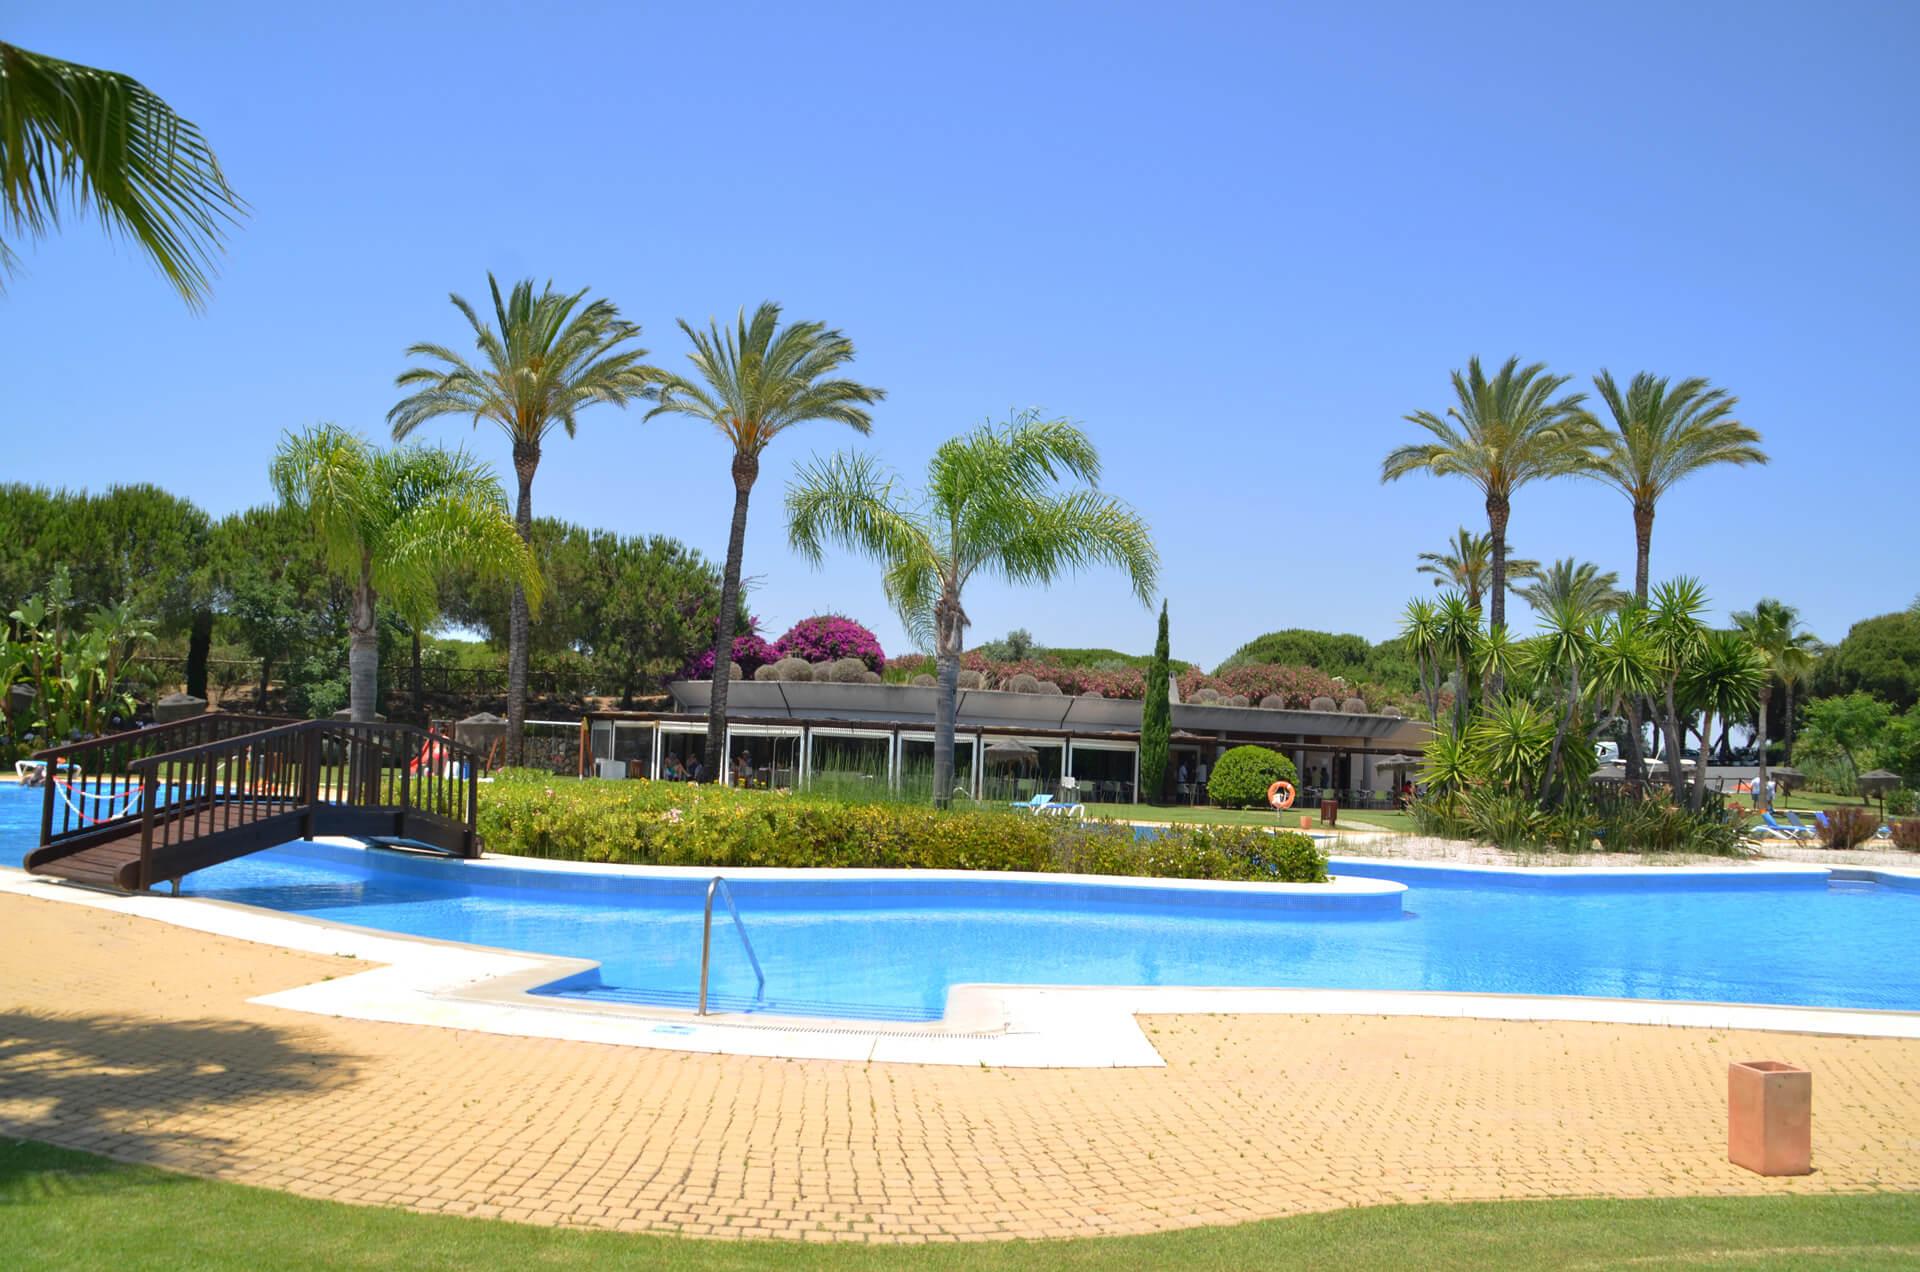 Alquiler de vacaciones andaluc a family secrets residence for Alquiler de casas en aeropuerto viejo sevilla